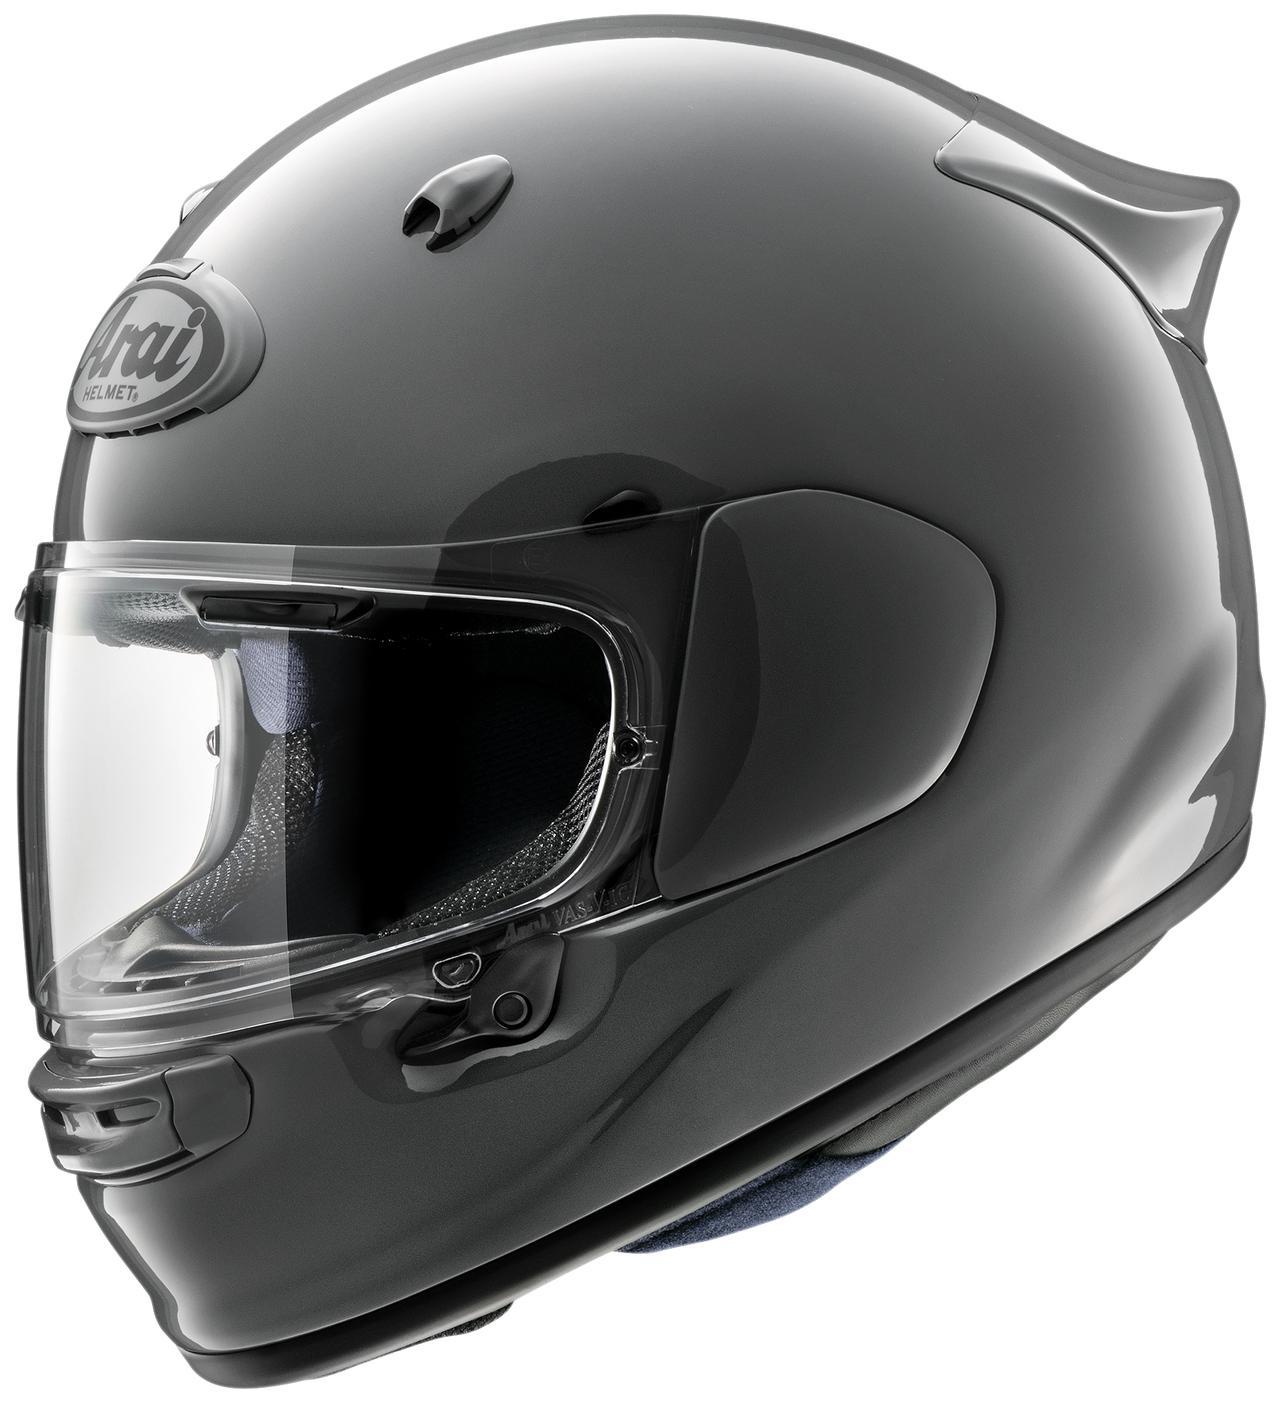 画像7: アライヘルメットが新型フルフェイス「アストロGX」を発表! ツーリングライダーのための機能や快適性を追求【2021速報】